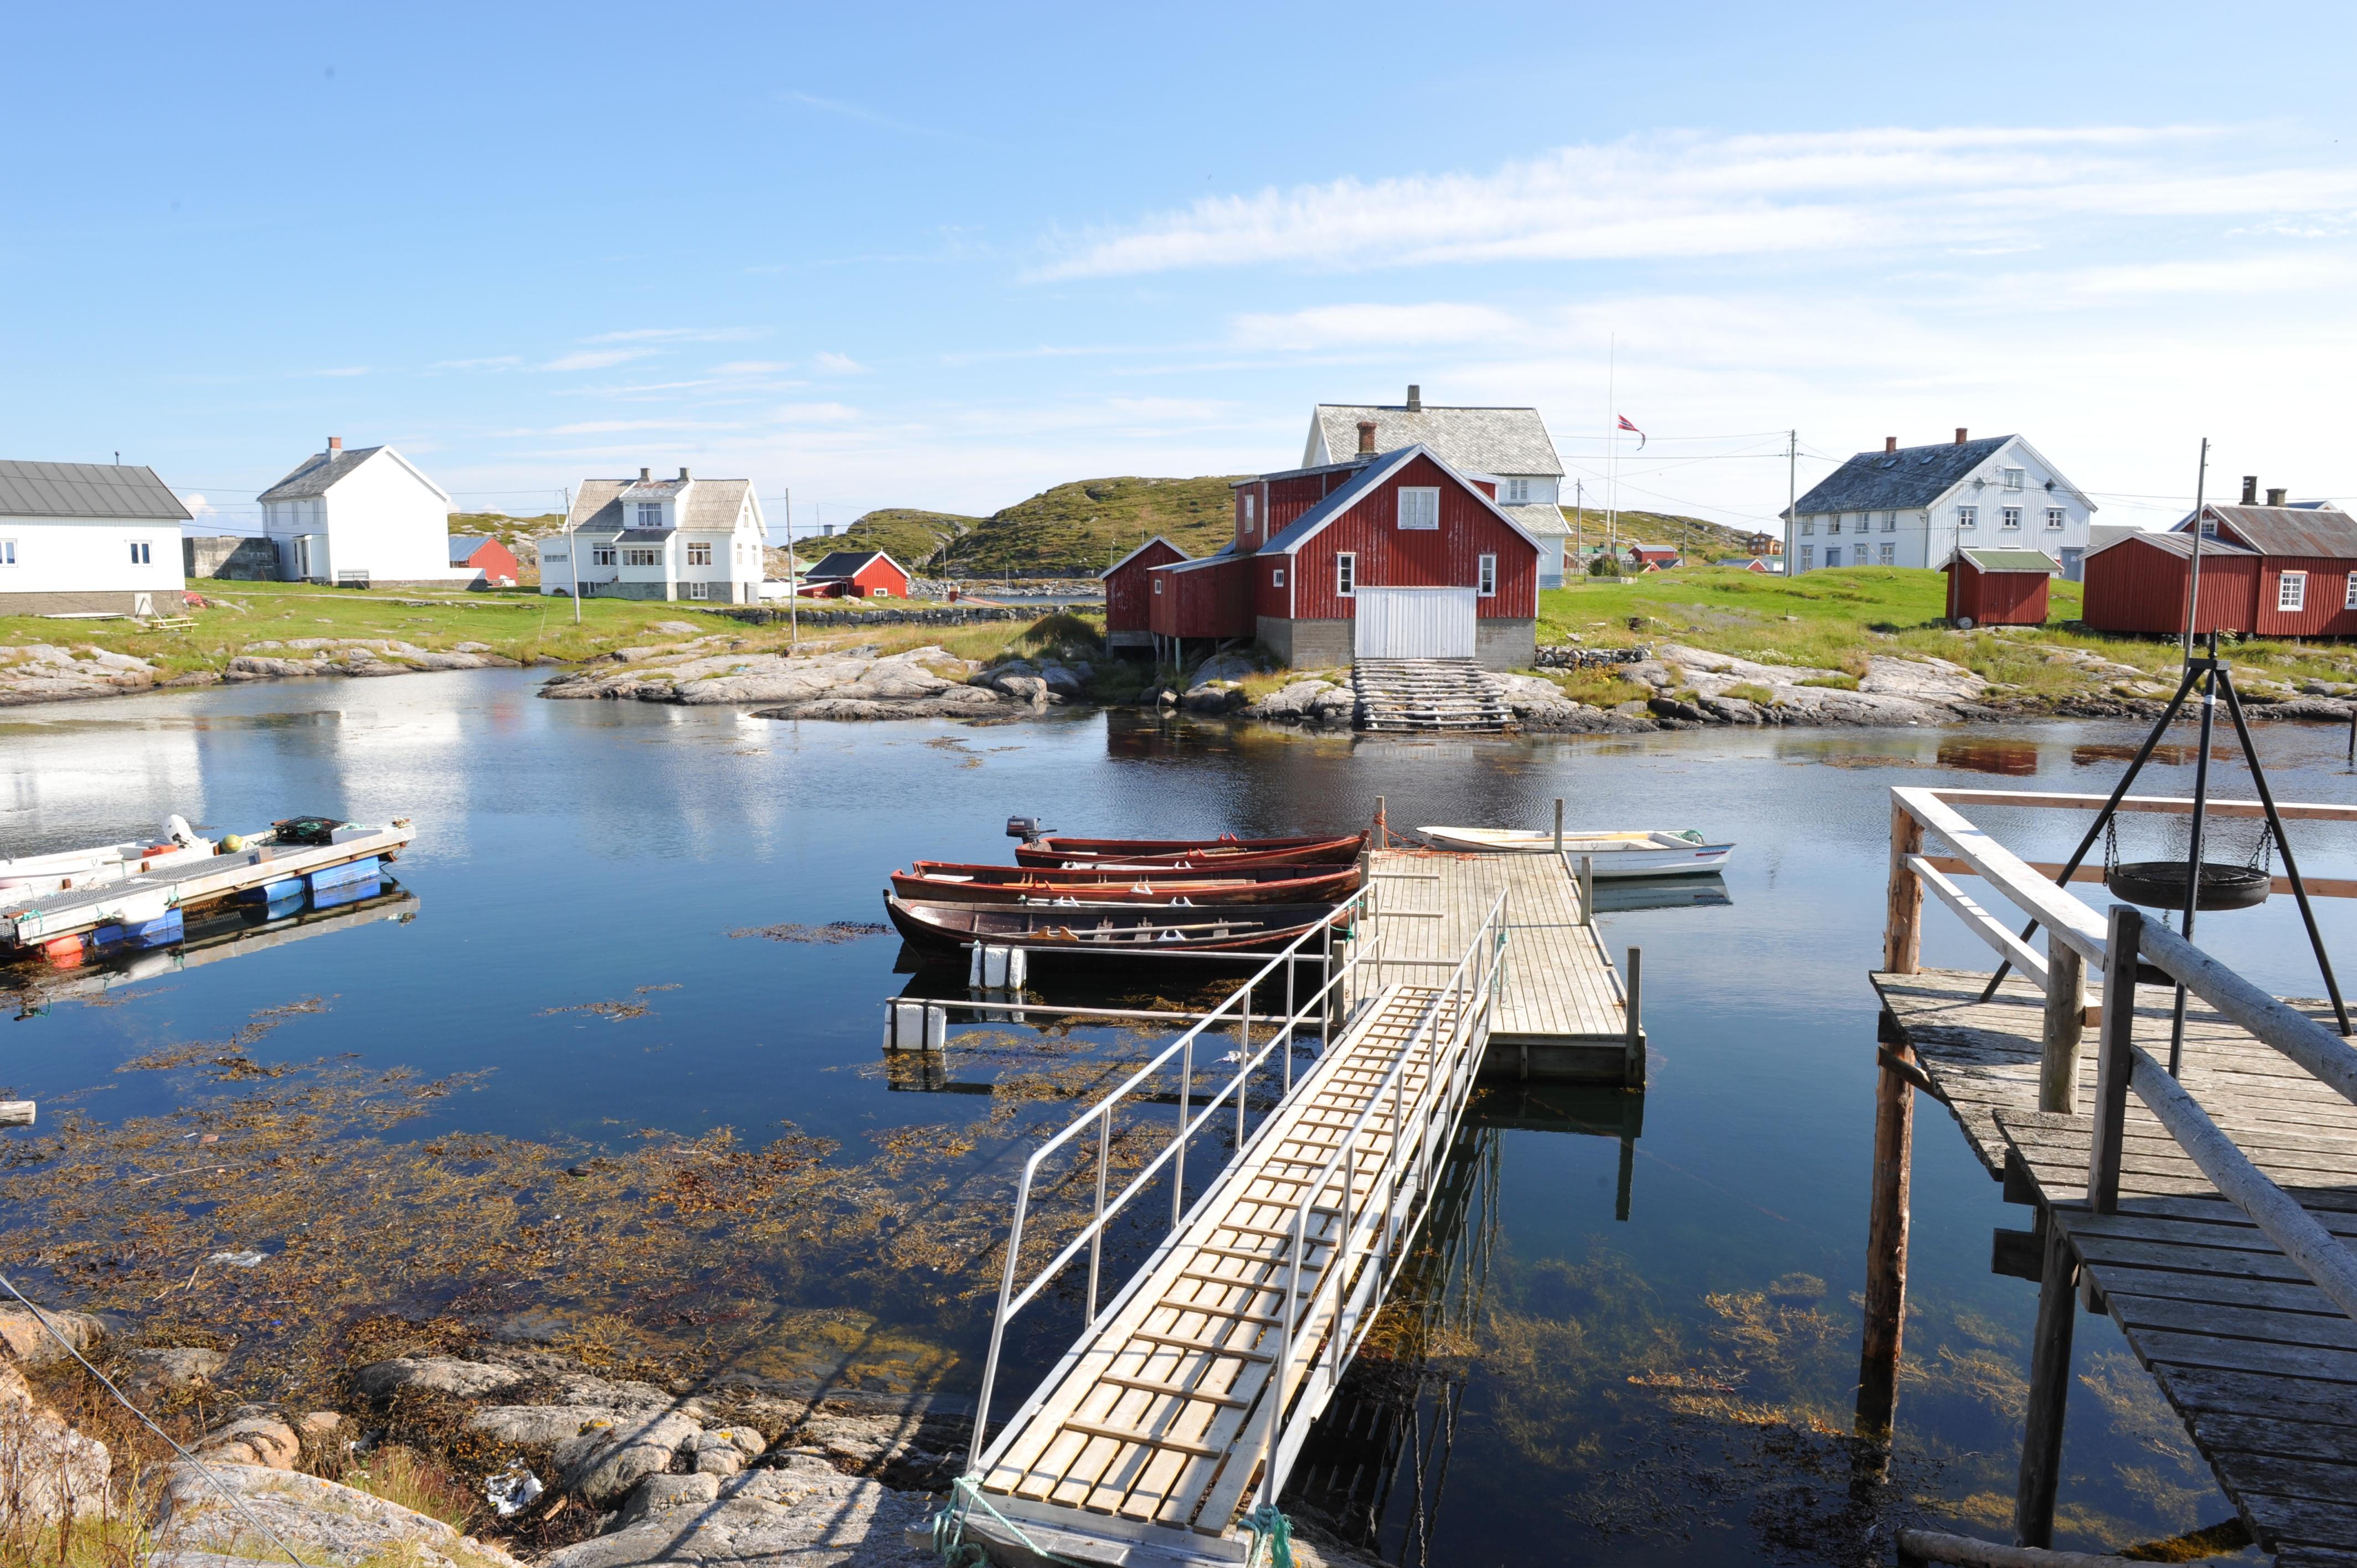 Flytebrygge og bygninger i fiskeværet Sør-Gjæslingan. ved Namdalskysten, Trøndelag.